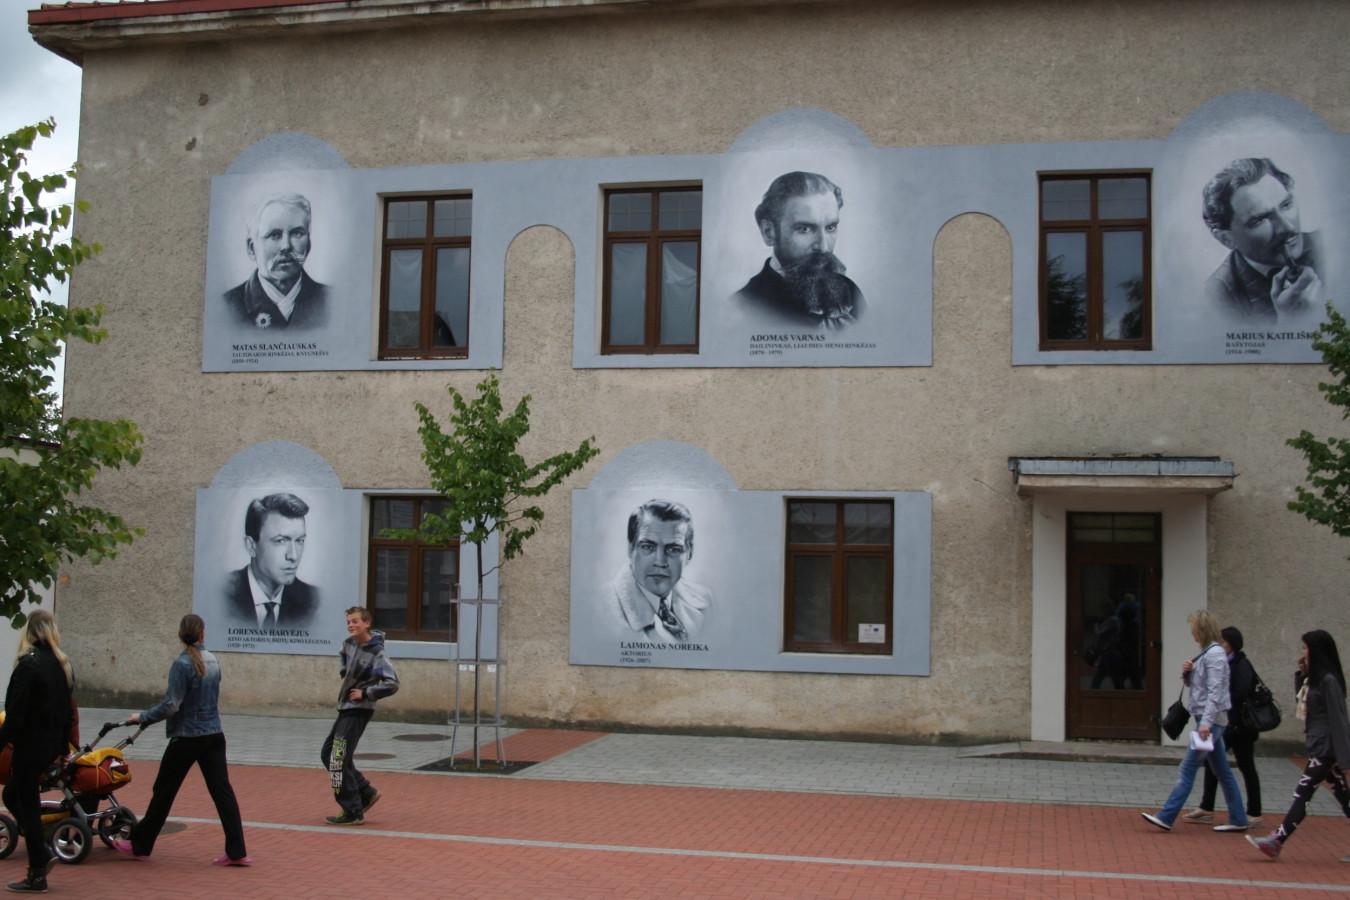 2014 JONIŠKIO KULTŪROS ŽMONĖS Kultūros centras – Joniškis, LIETUVA Freską reikėjo baigti iki Joniškio miesto šventės pradžios. Dienos buvo lietingos. Nepaisant to, nutapiau šiuos penkis portretus vos per porą savaičių. Buvo malonu dar kartą apsilankyti šiam nuostabiam miestelyje. Daugelis praeivių džiaugėsi ir didžiavosi, kad penki tarptautinės reikšmės žmonės sugrįžo Joniškin, į gimtinę...